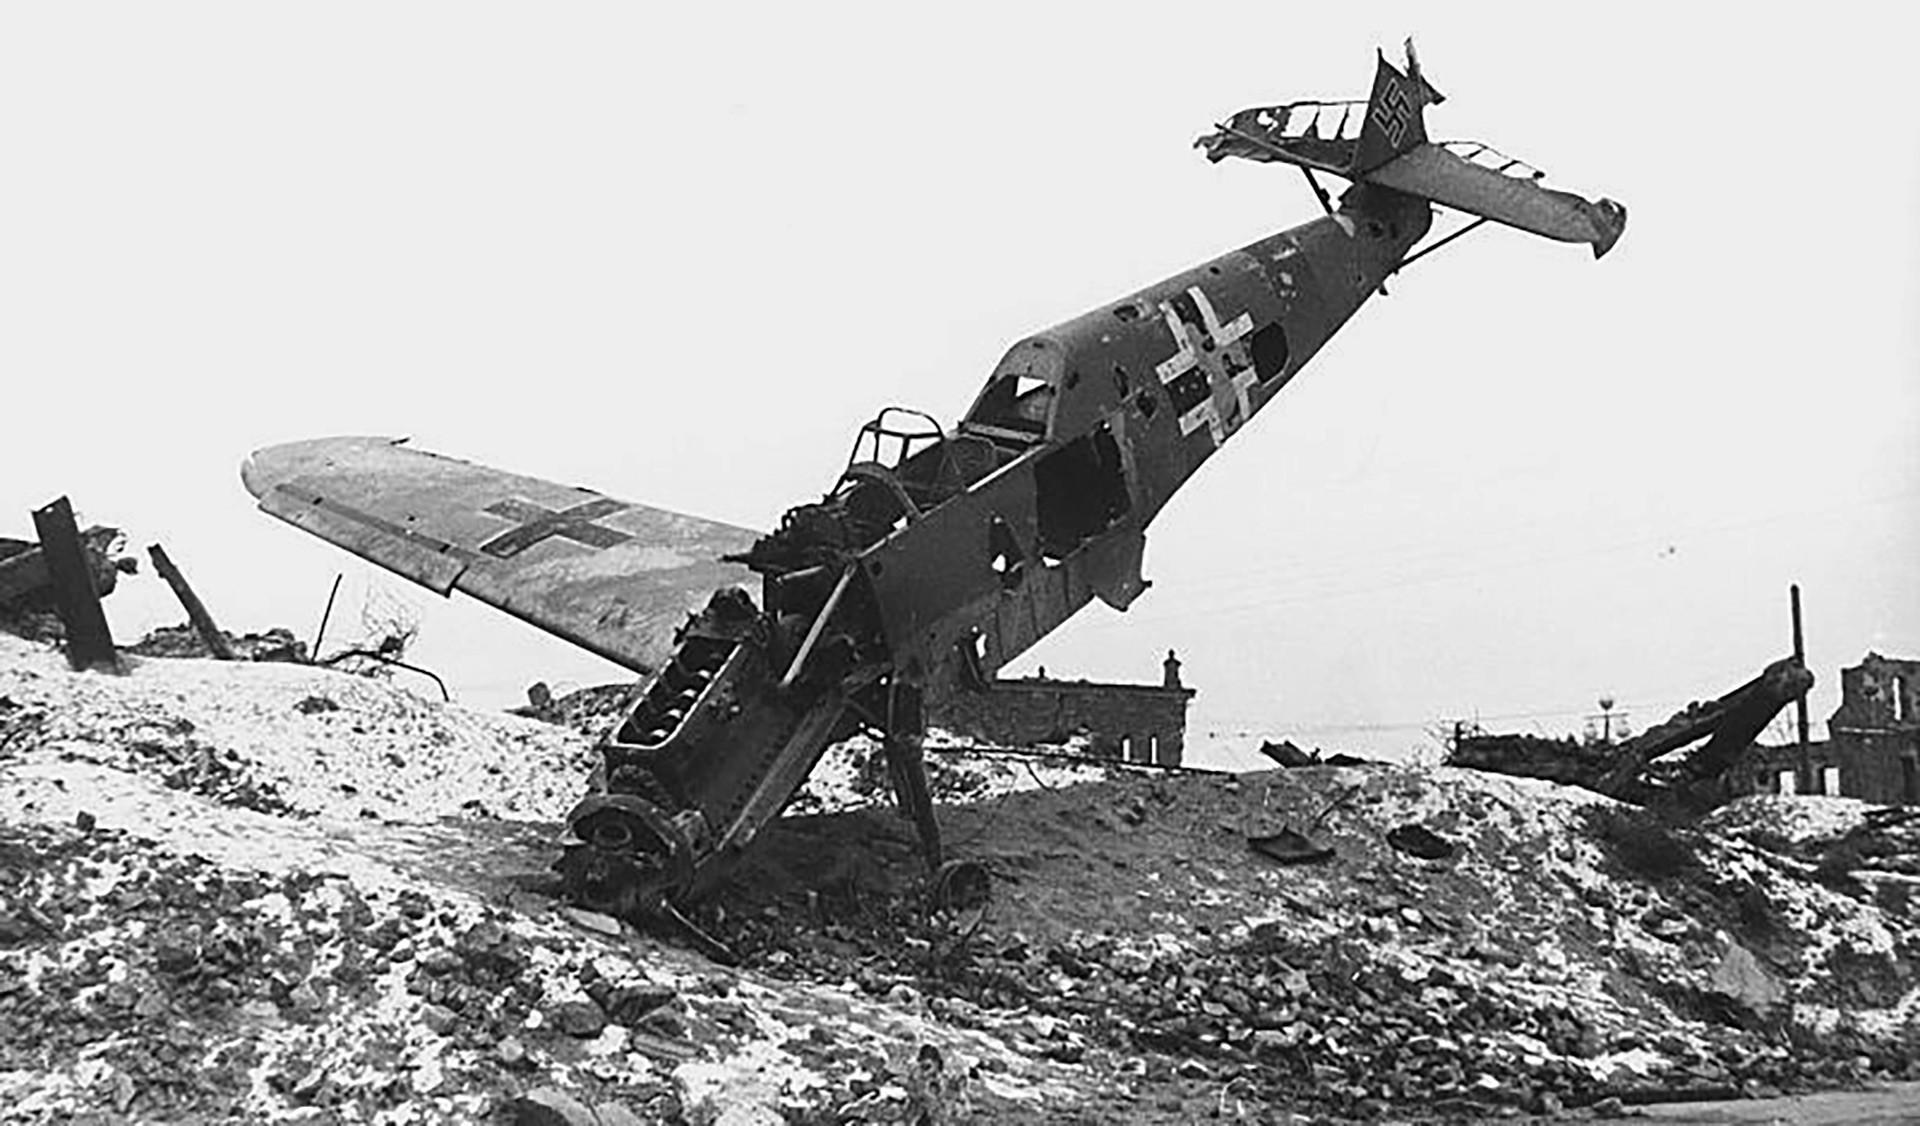 Германците во советската контраофанзива имале големи загуби и кај војниците и кај техниката.